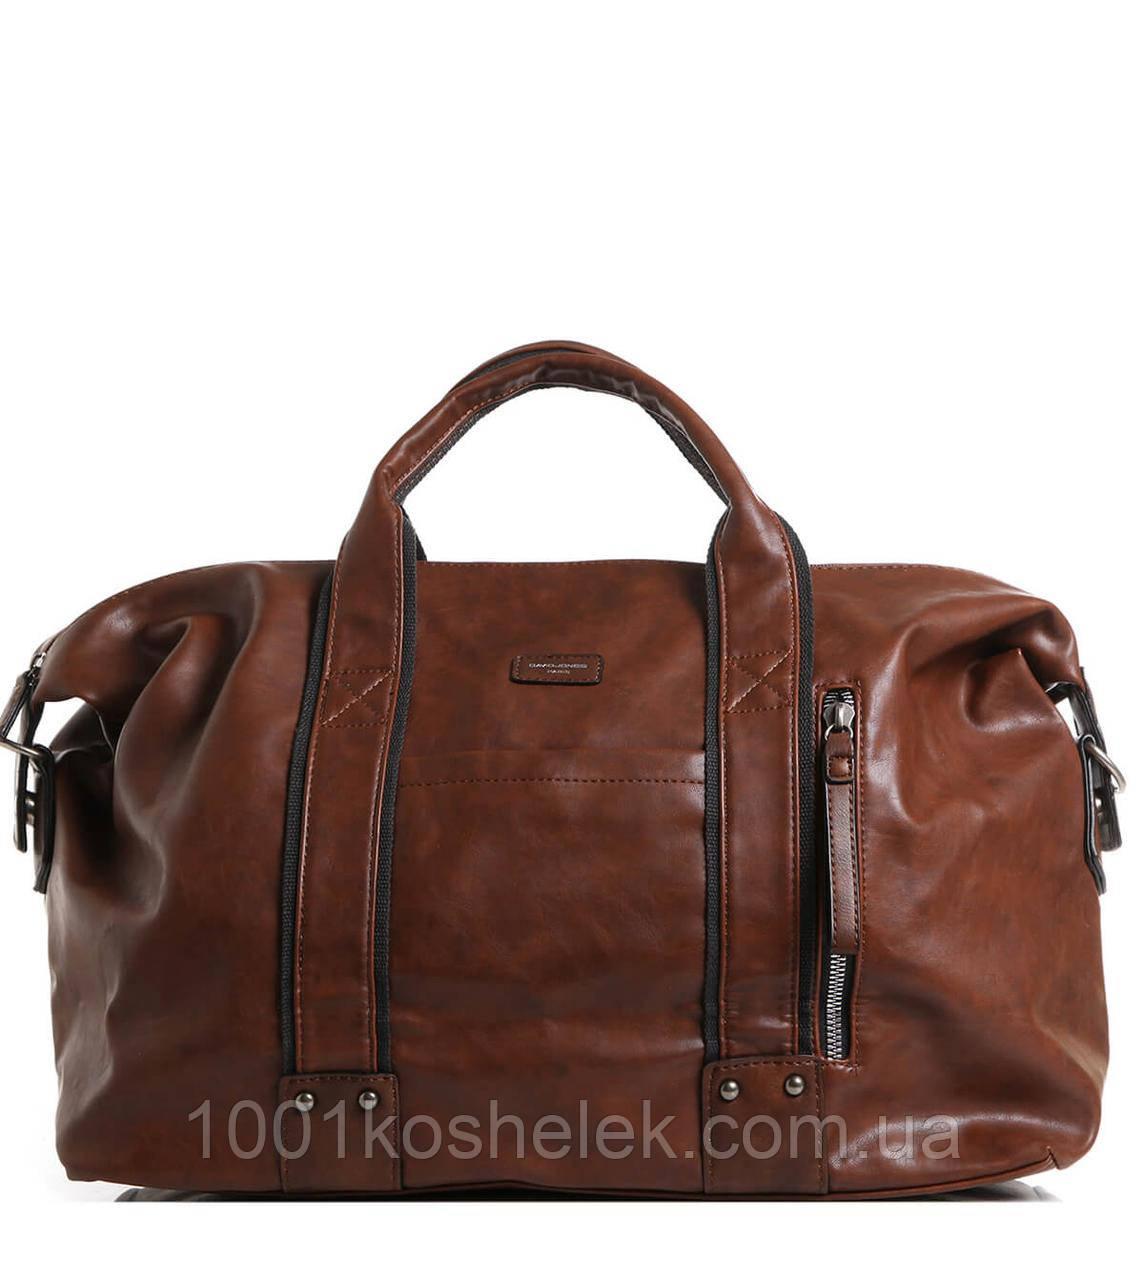 Дорожная сумка David Jones CM3960 (Коричневый)